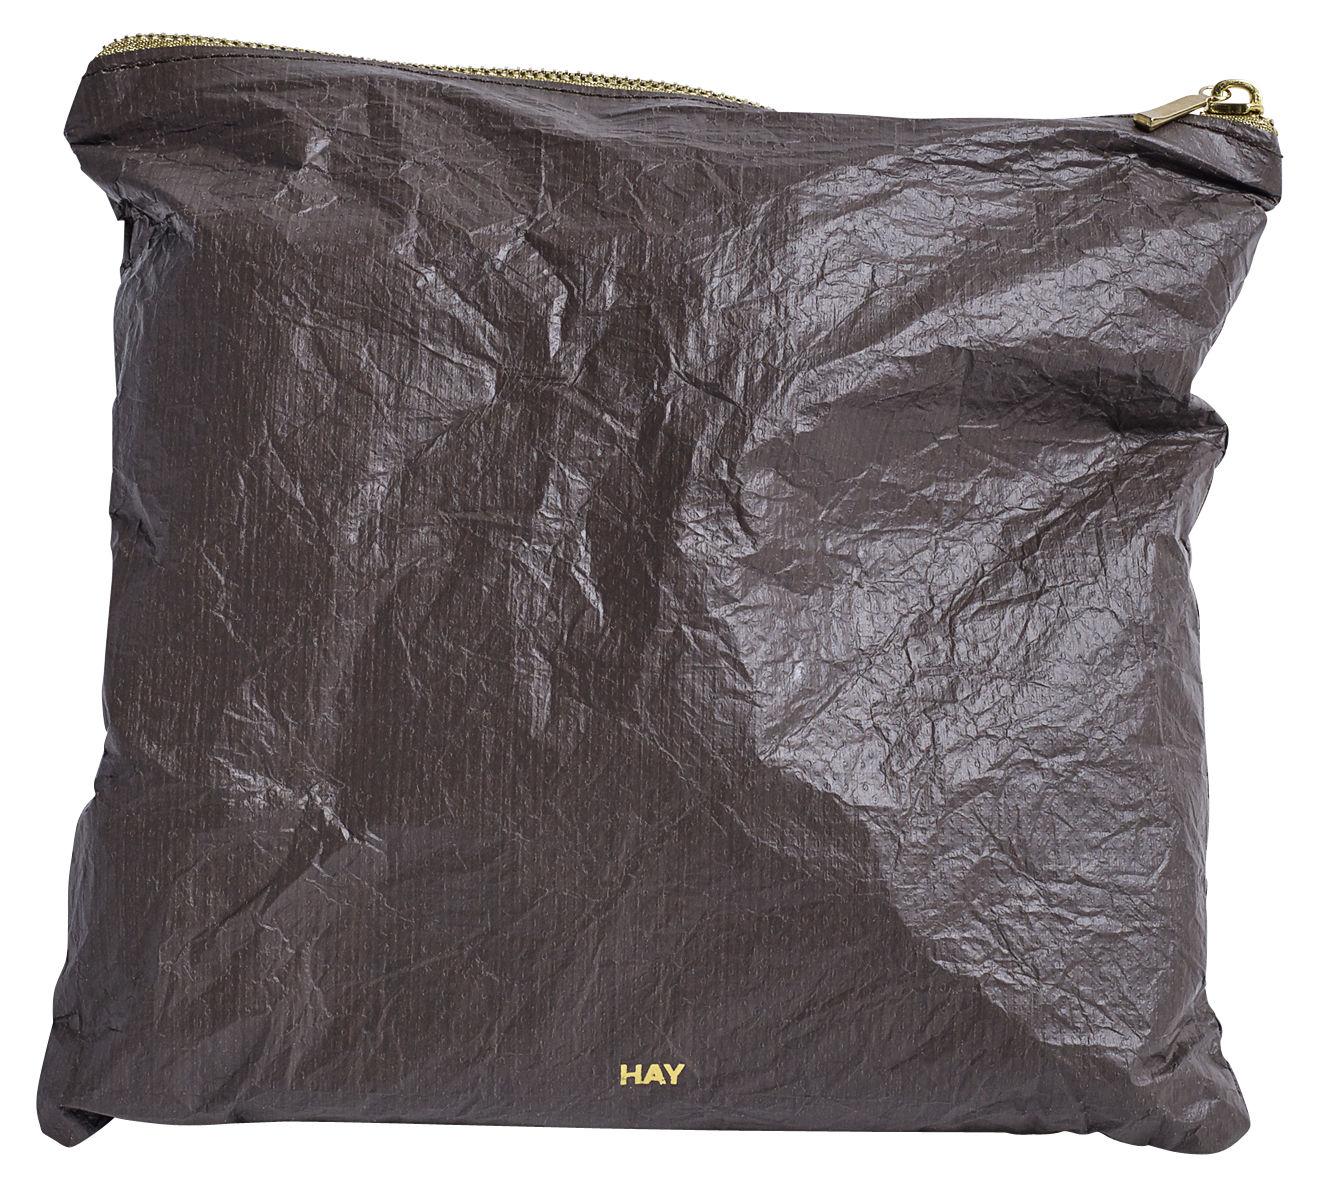 Accessoires - Taschen, Kulturbeutel und Geldbörsen - Packing Essentials Federmappe / Medium - Tyvek - Hay - Kaffee - Tyvek